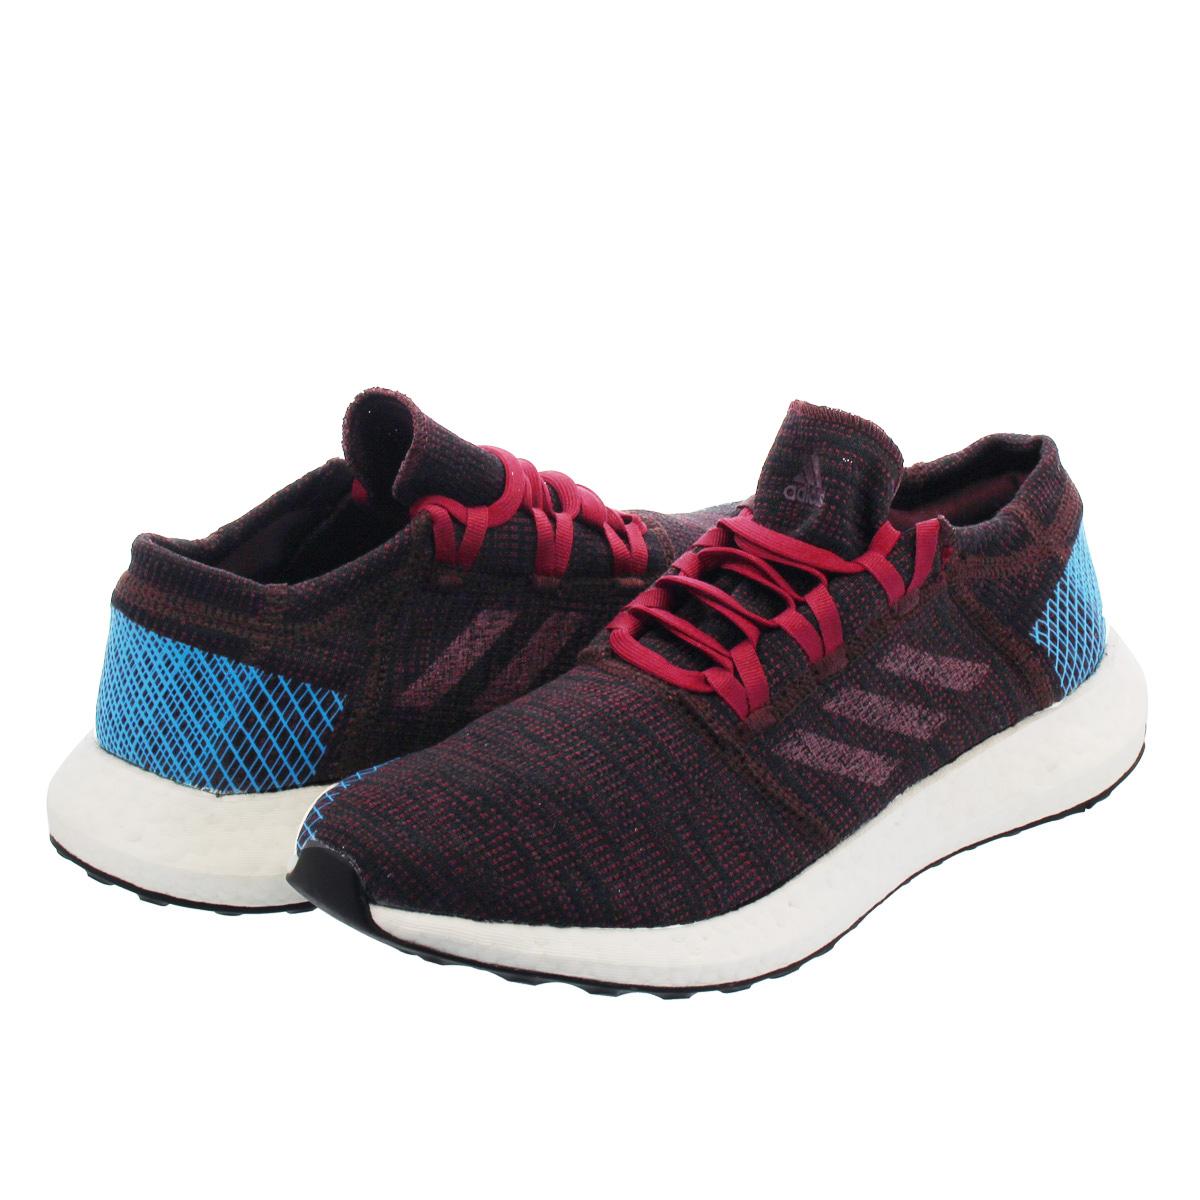 ec3dd3228cd8a adidas PureBOOST GO Adidas pure boost GO NIGHT RED NOBLE MAROON BRIGHT BLUE  ah2326